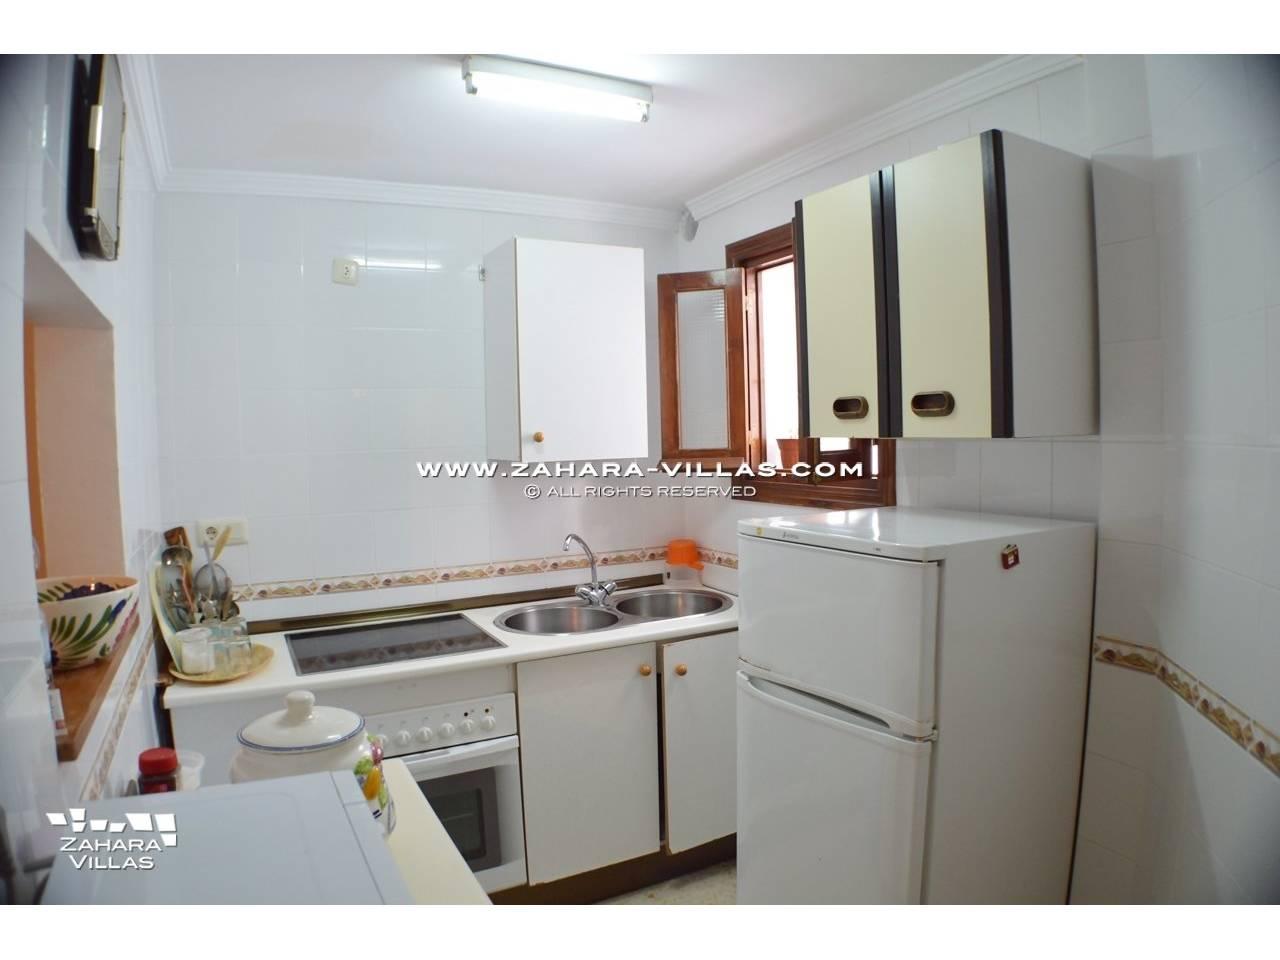 Imagen 4 de Flat for sale